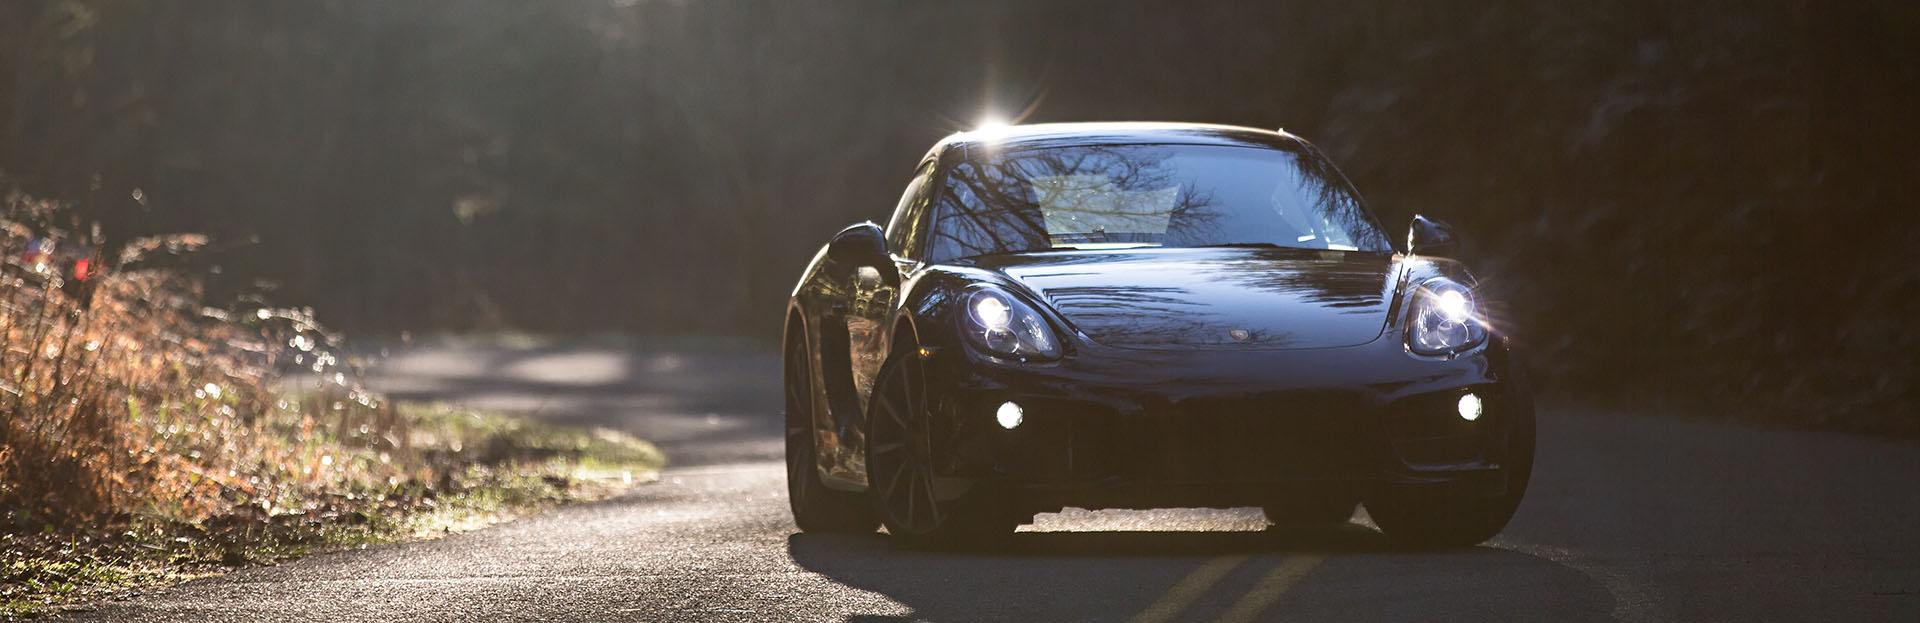 Porsche Gebrauchtwagen bestellen